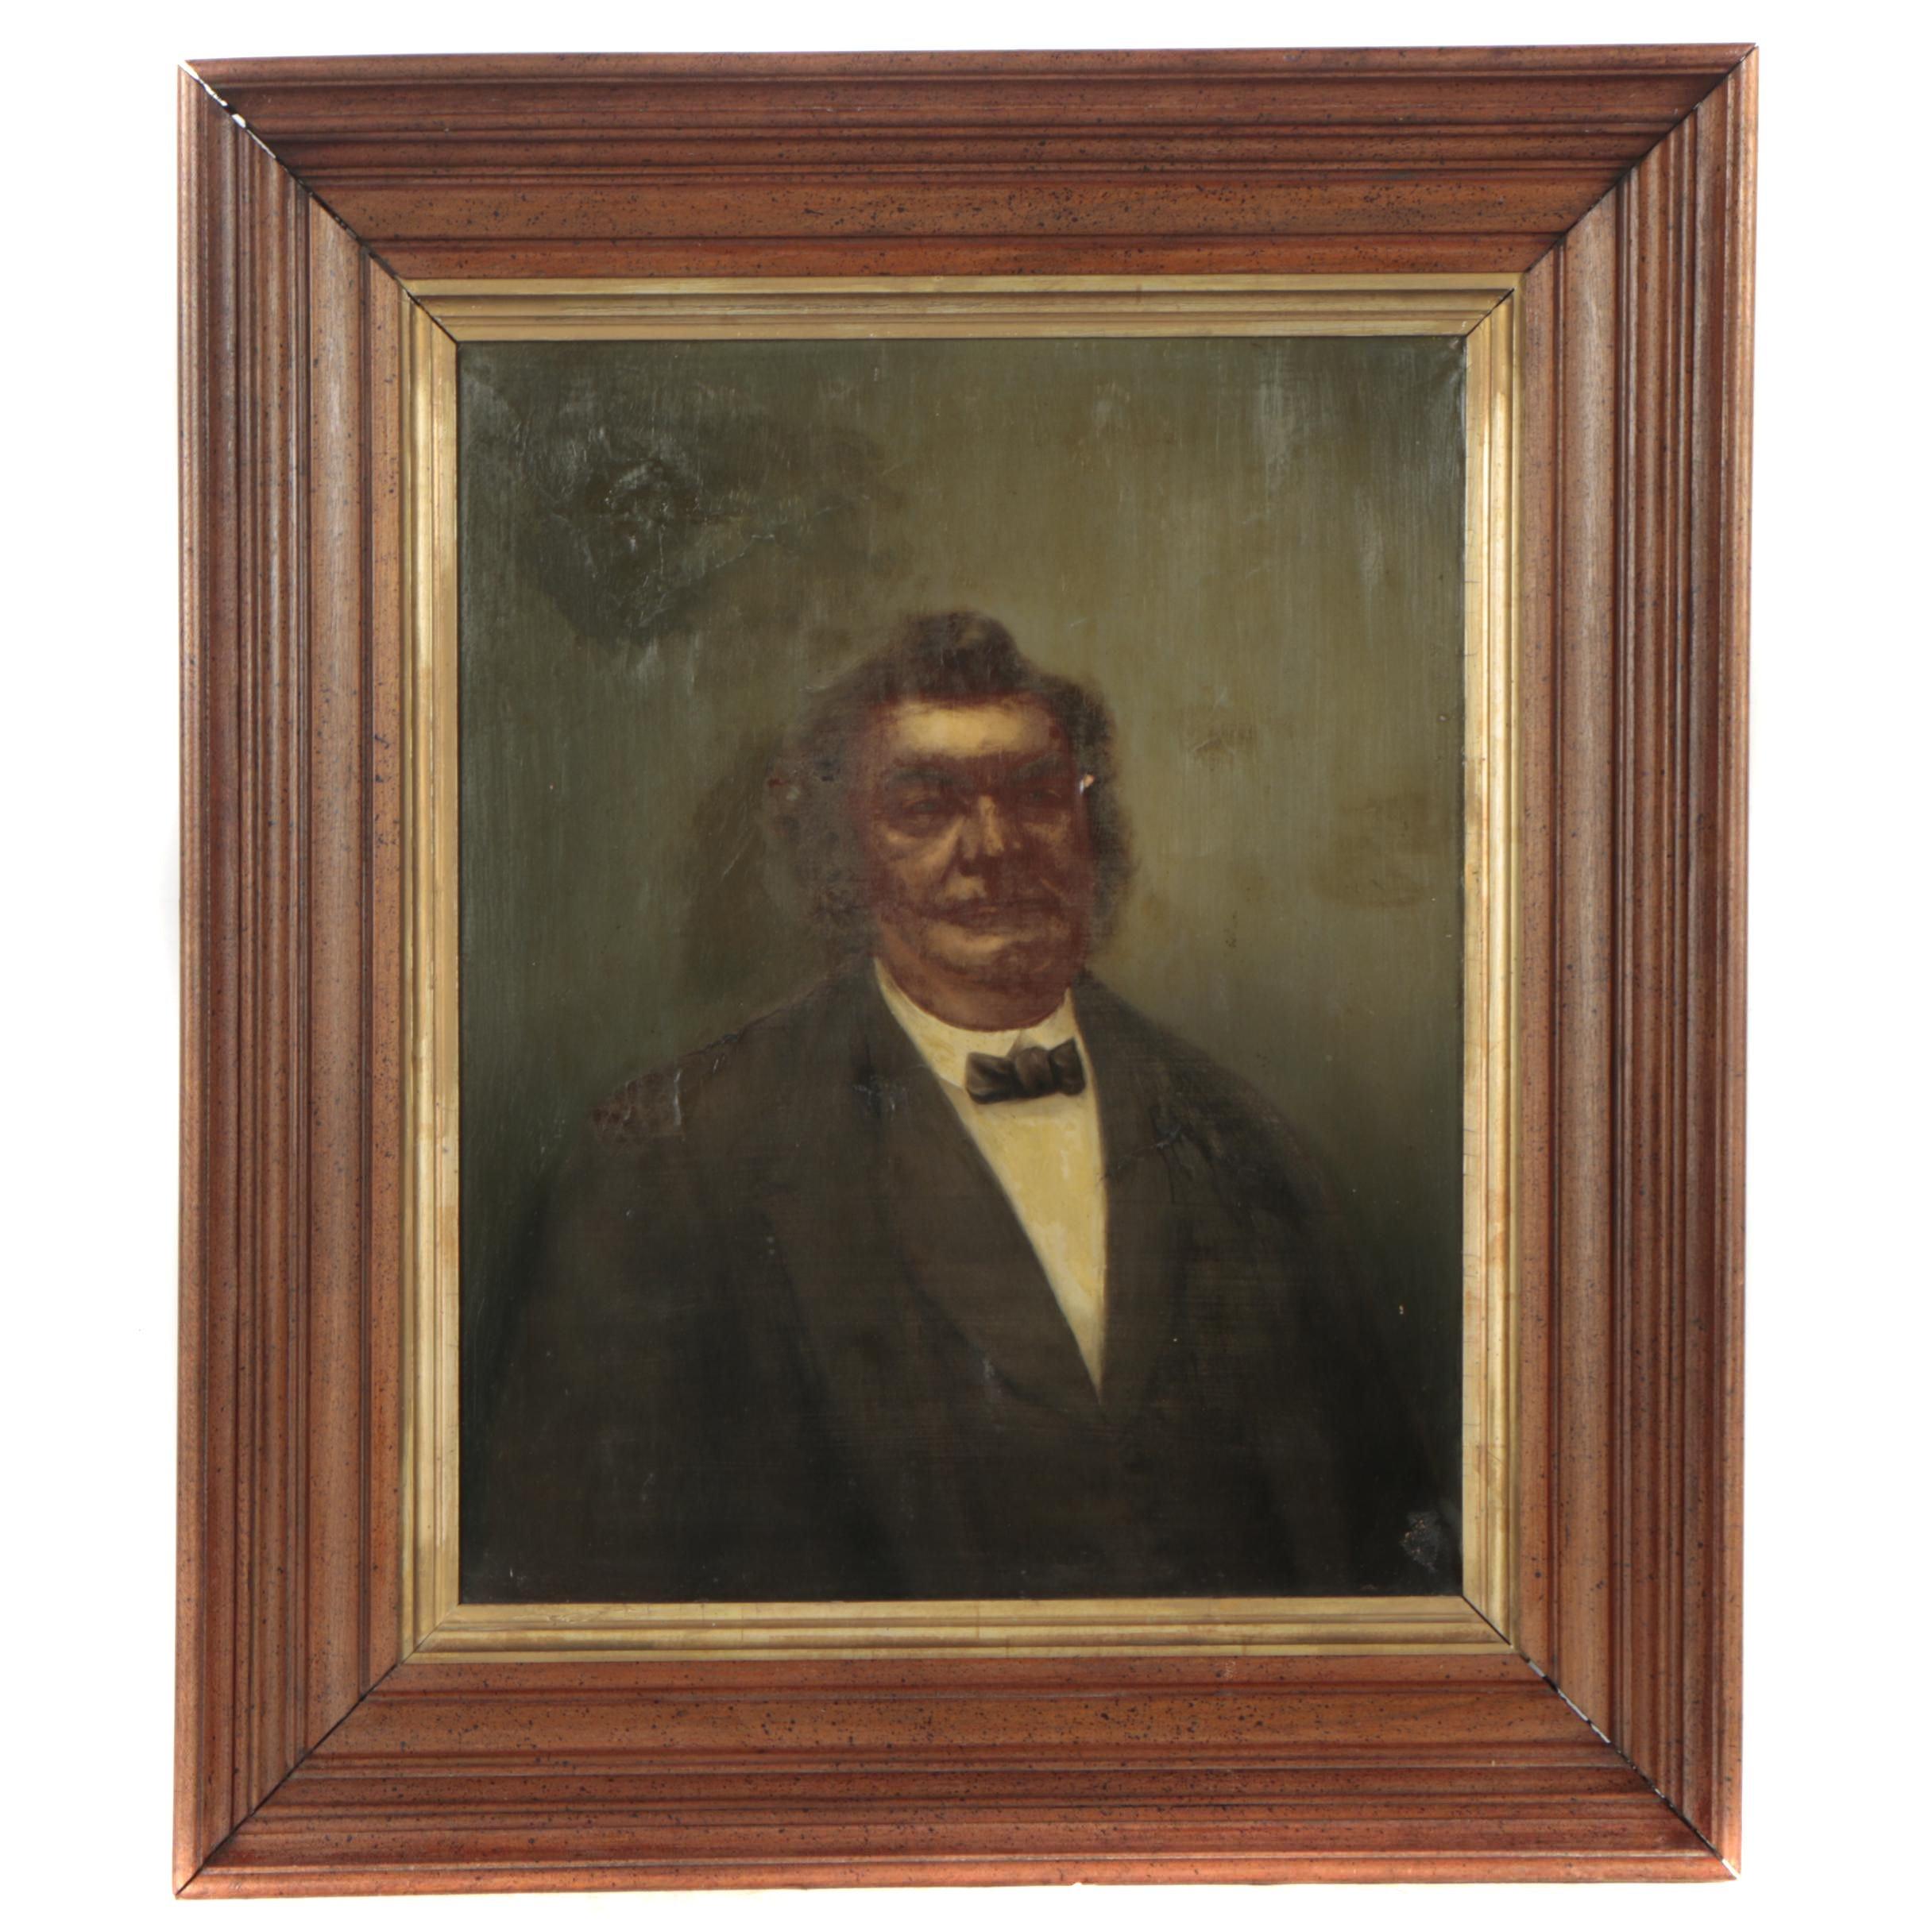 Antique Oil Painting Portrait of a Man